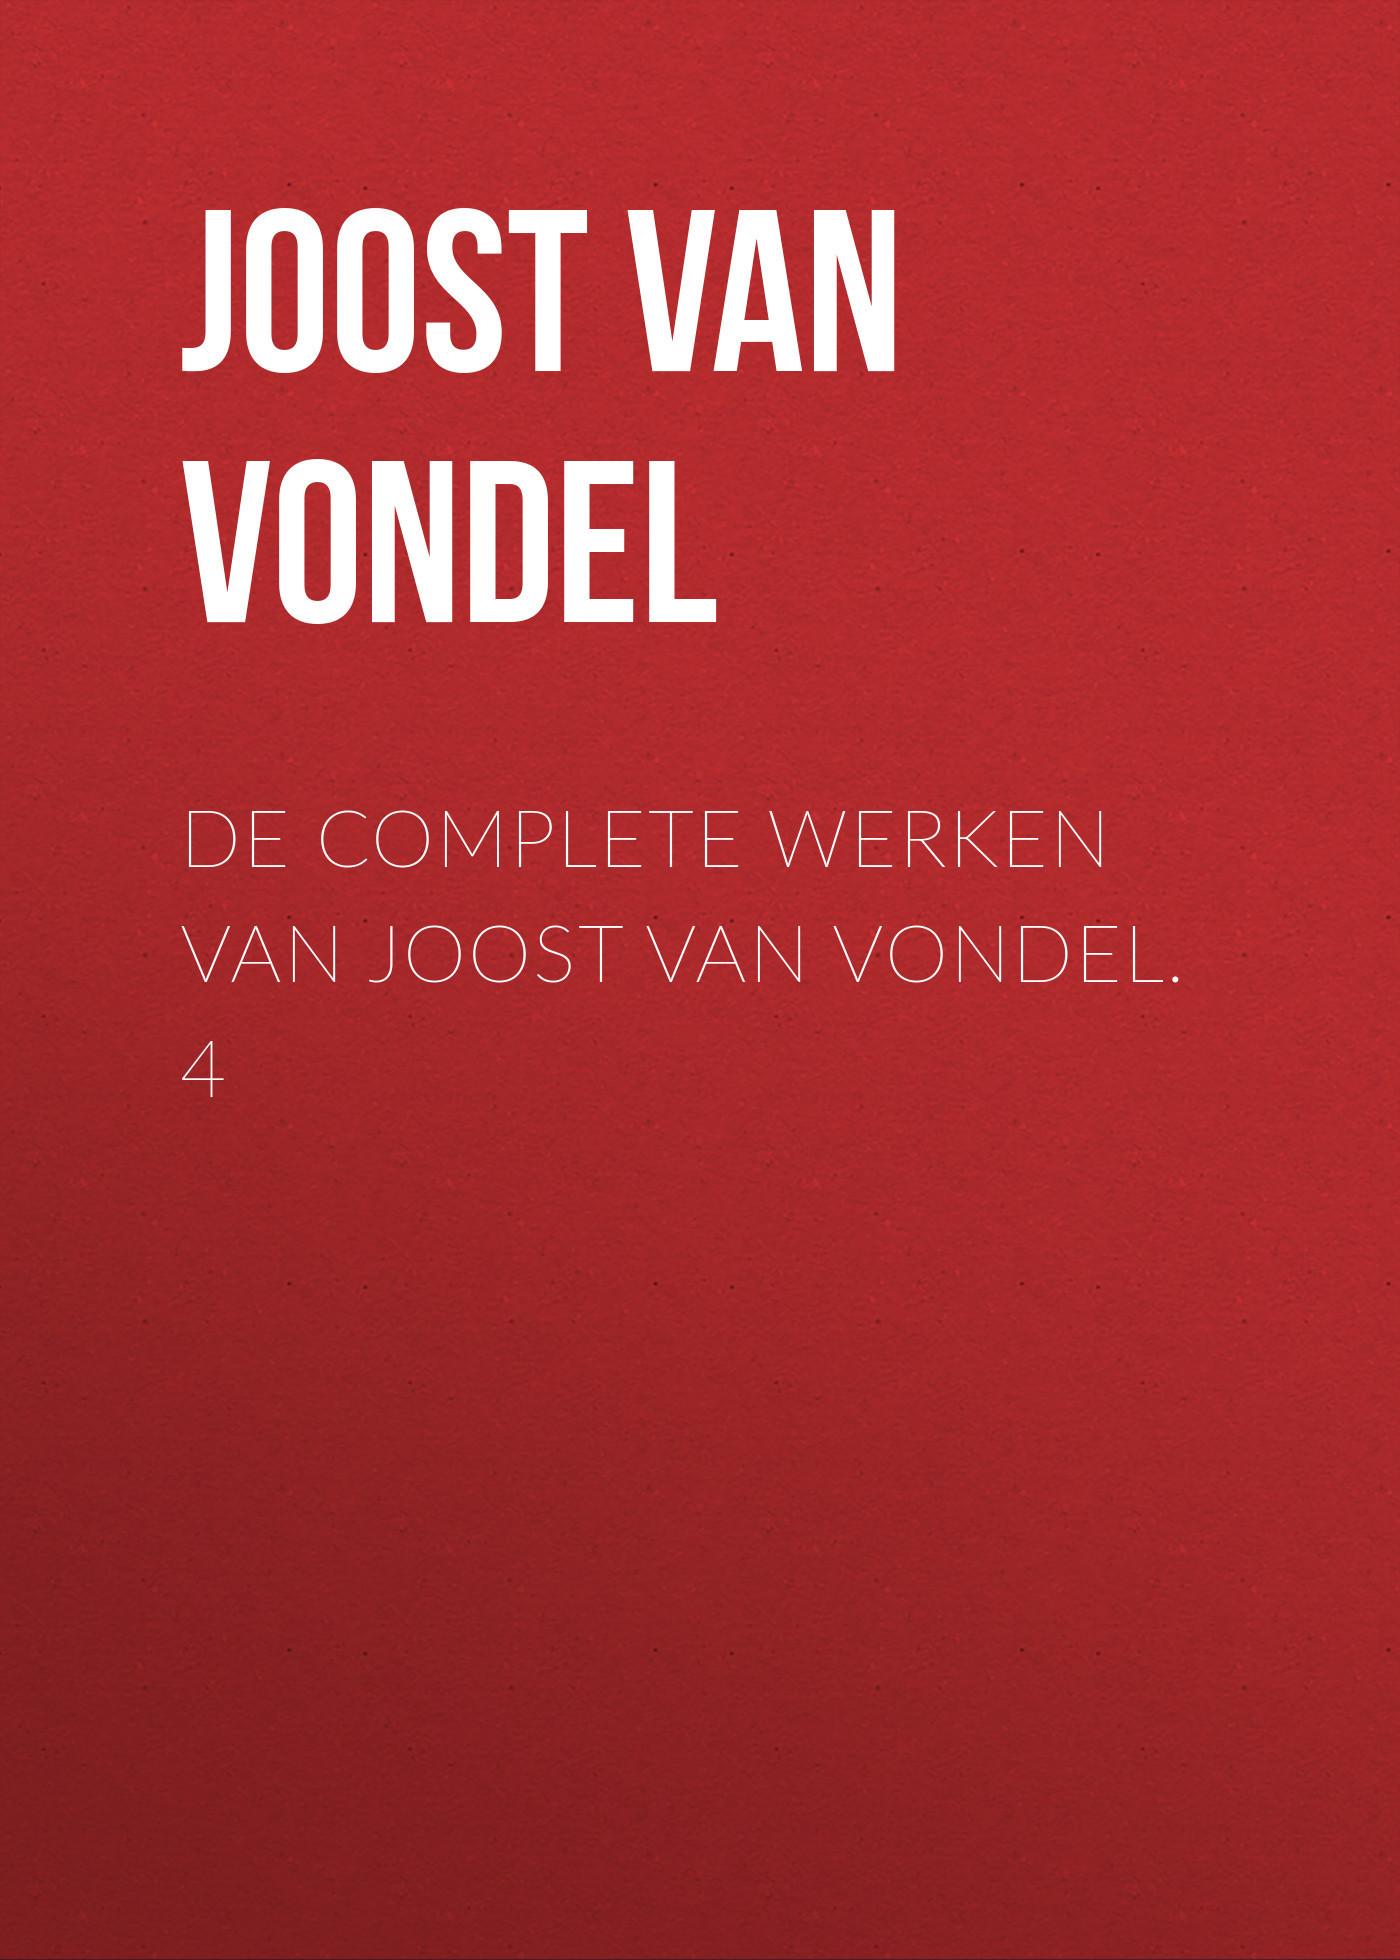 Joost van den Vondel De complete werken van Joost van Vondel. 4 joost van den vondel de complete werken van joost van vondel 2